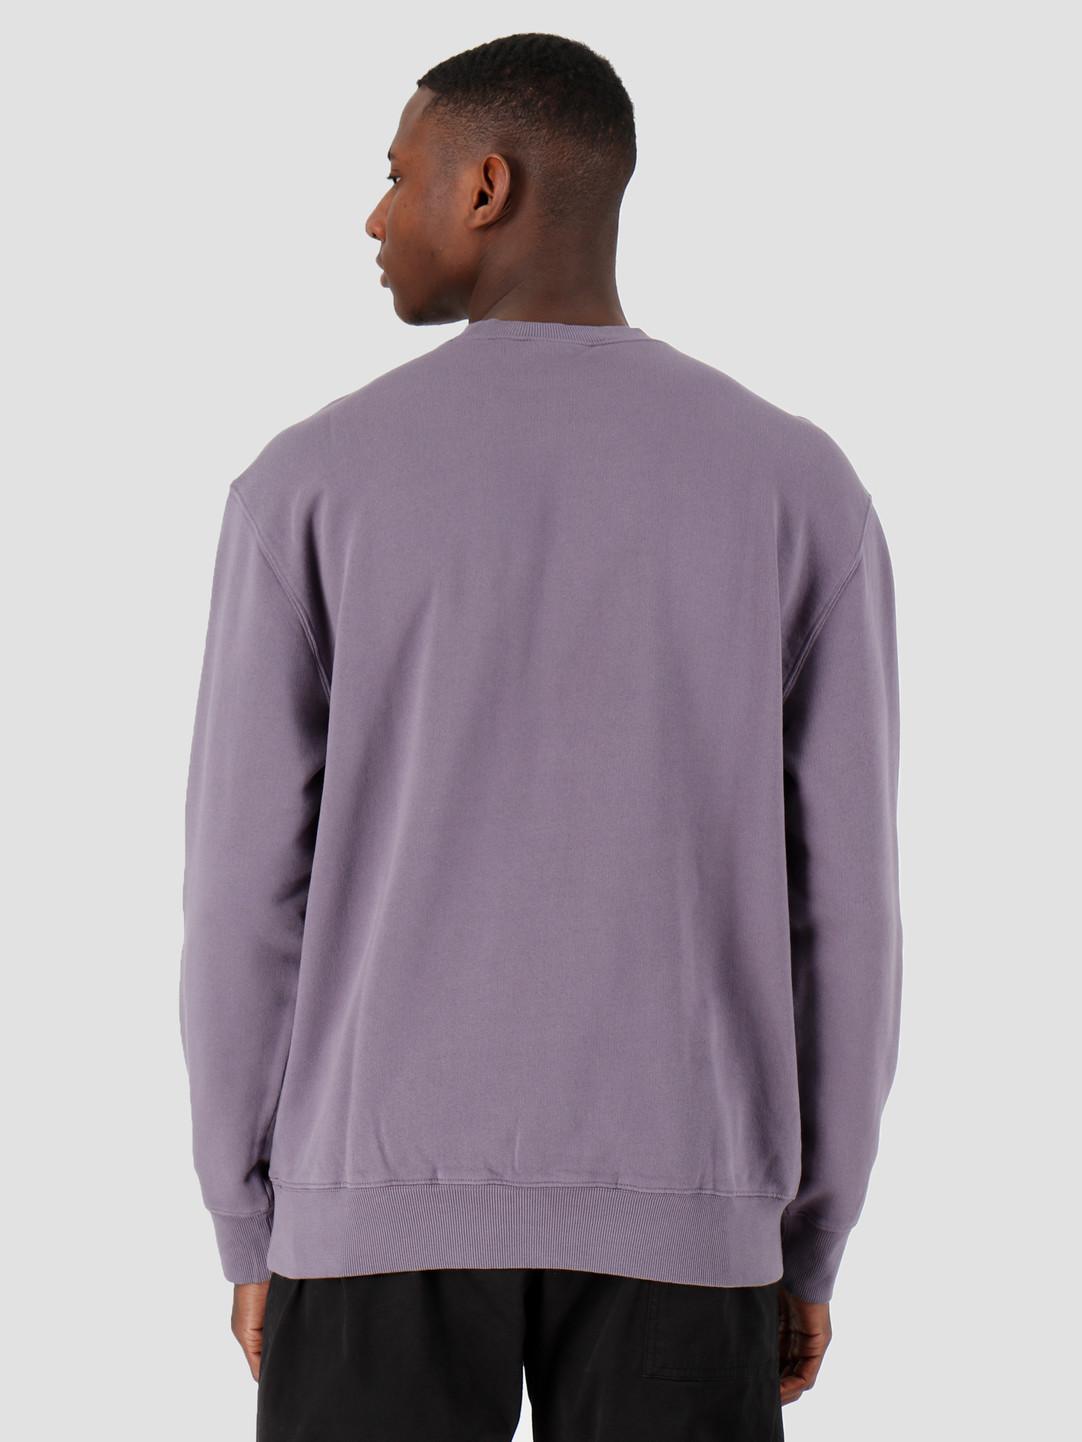 Carhartt WIP Carhartt WIP Pocket Sweat Decent Purple I027681-08X00